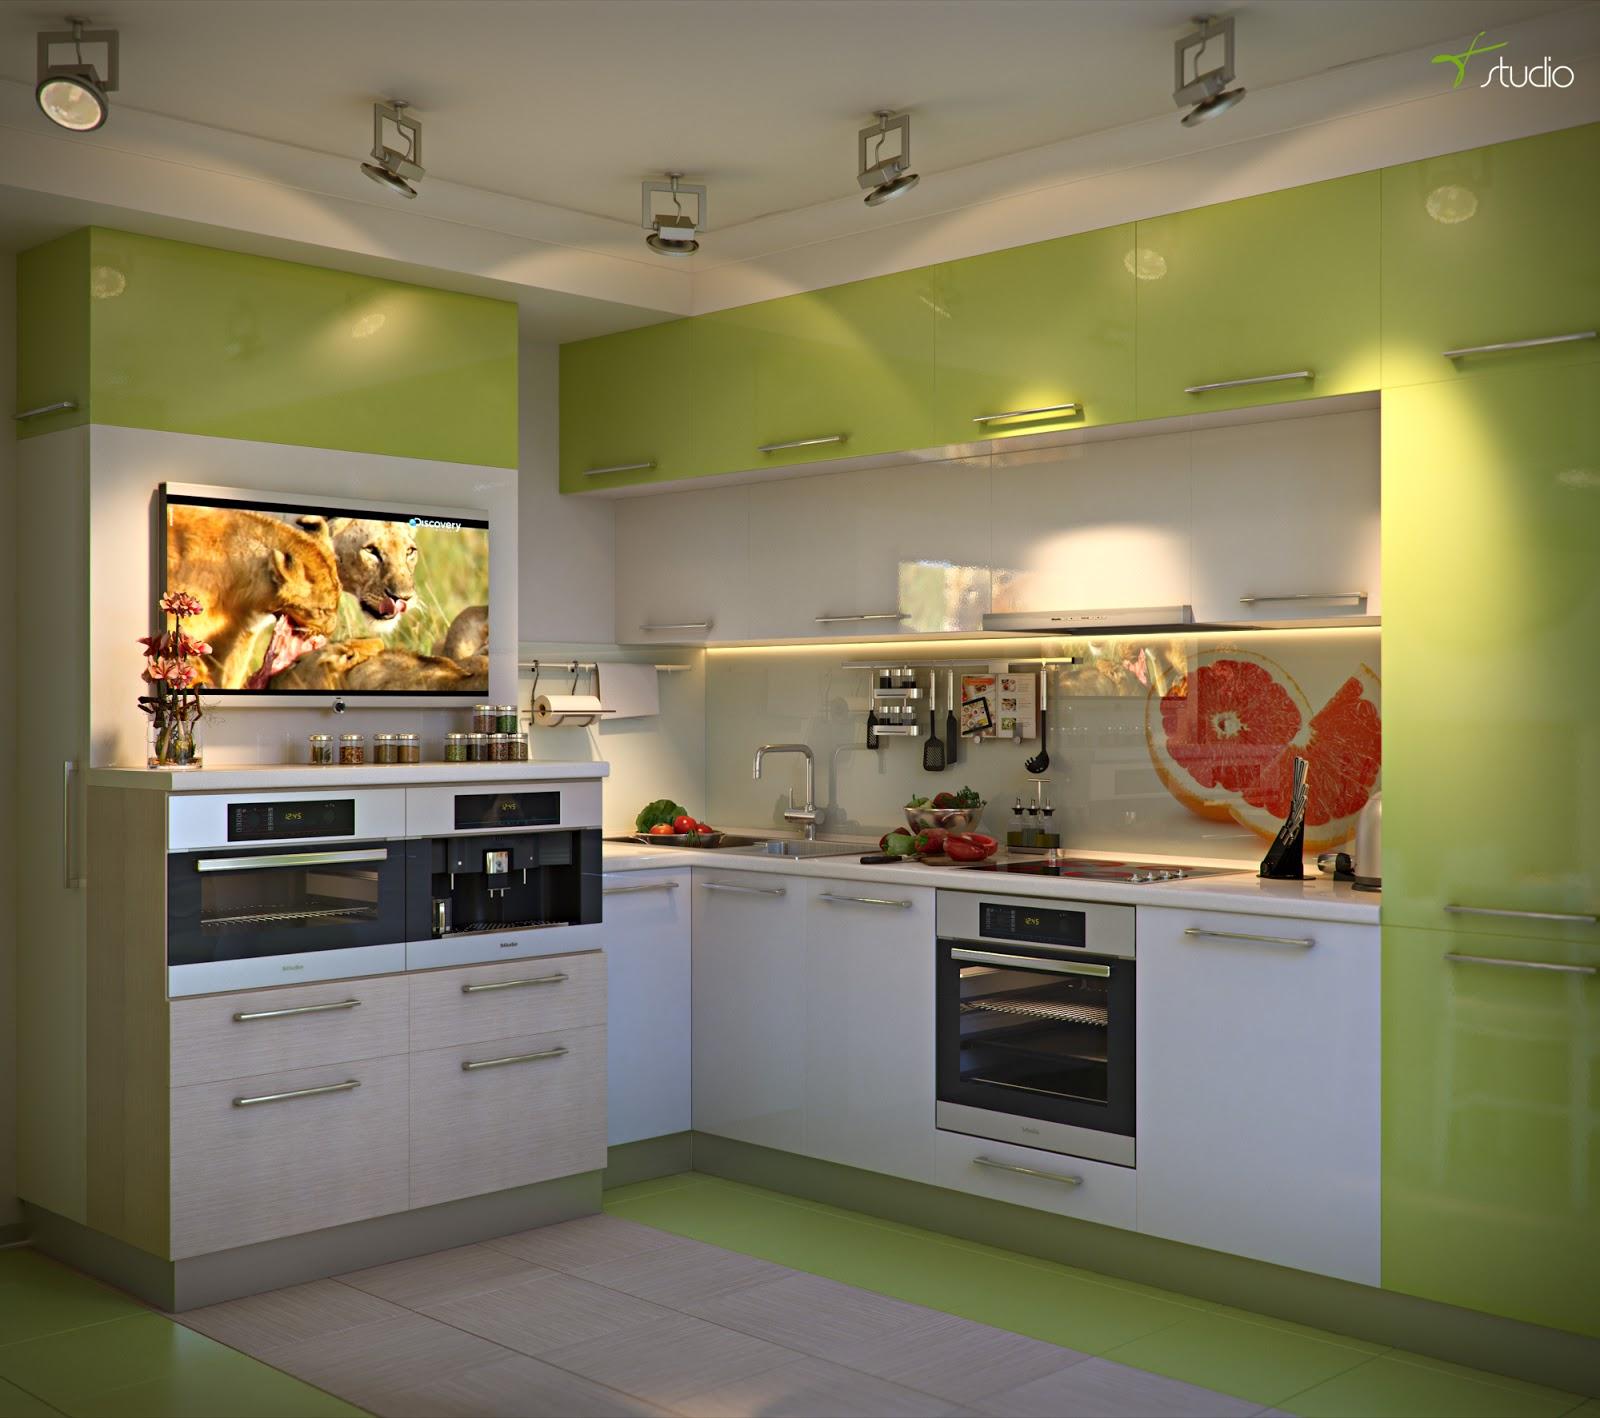 Kitchen | Visualisation & Design